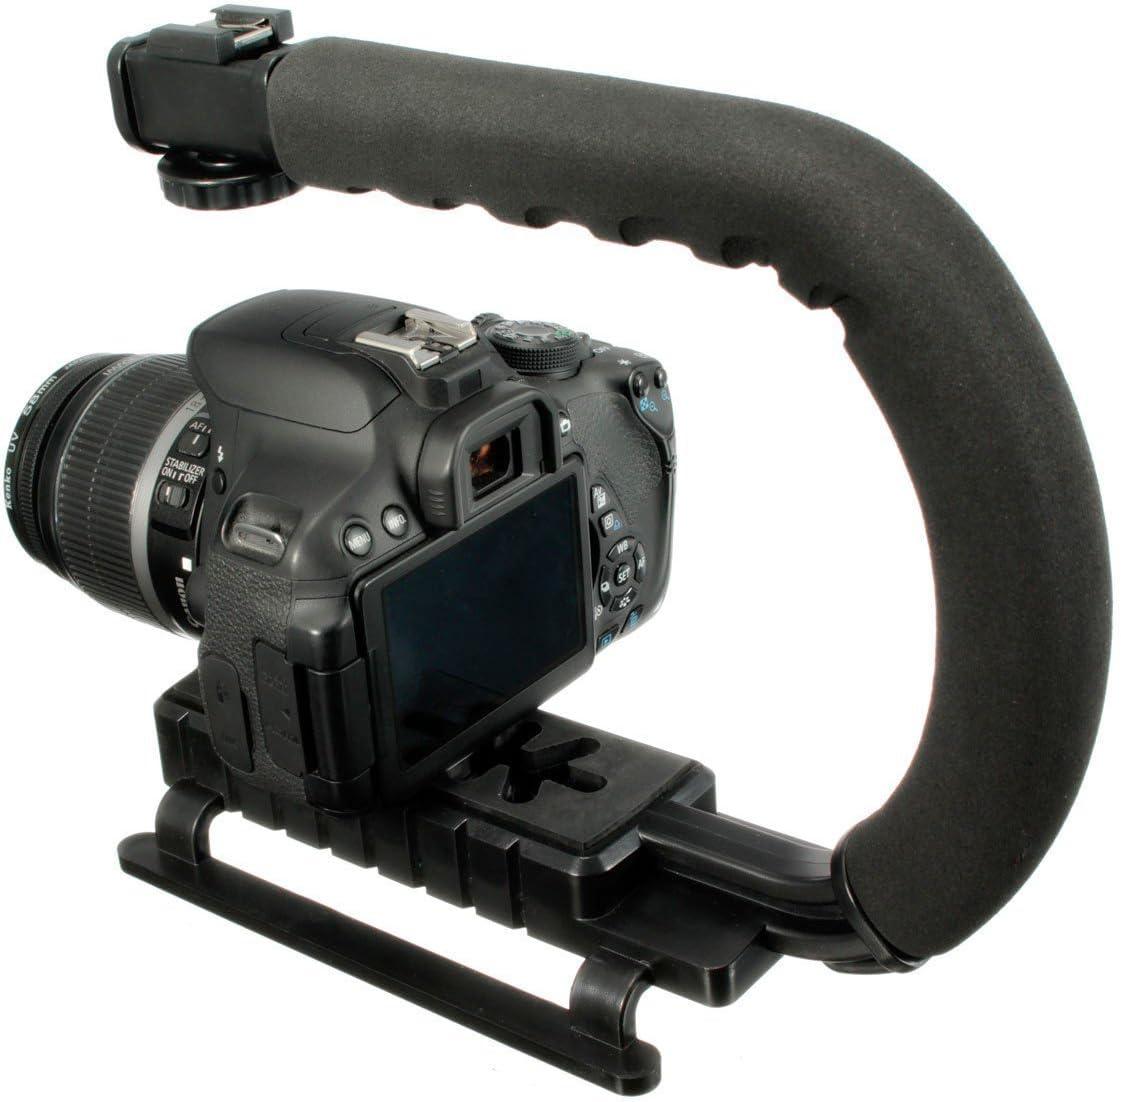 C Shape Hand Stand Handle Bracket Holder Stabilizer Grip for DSLR Camera Camcorder